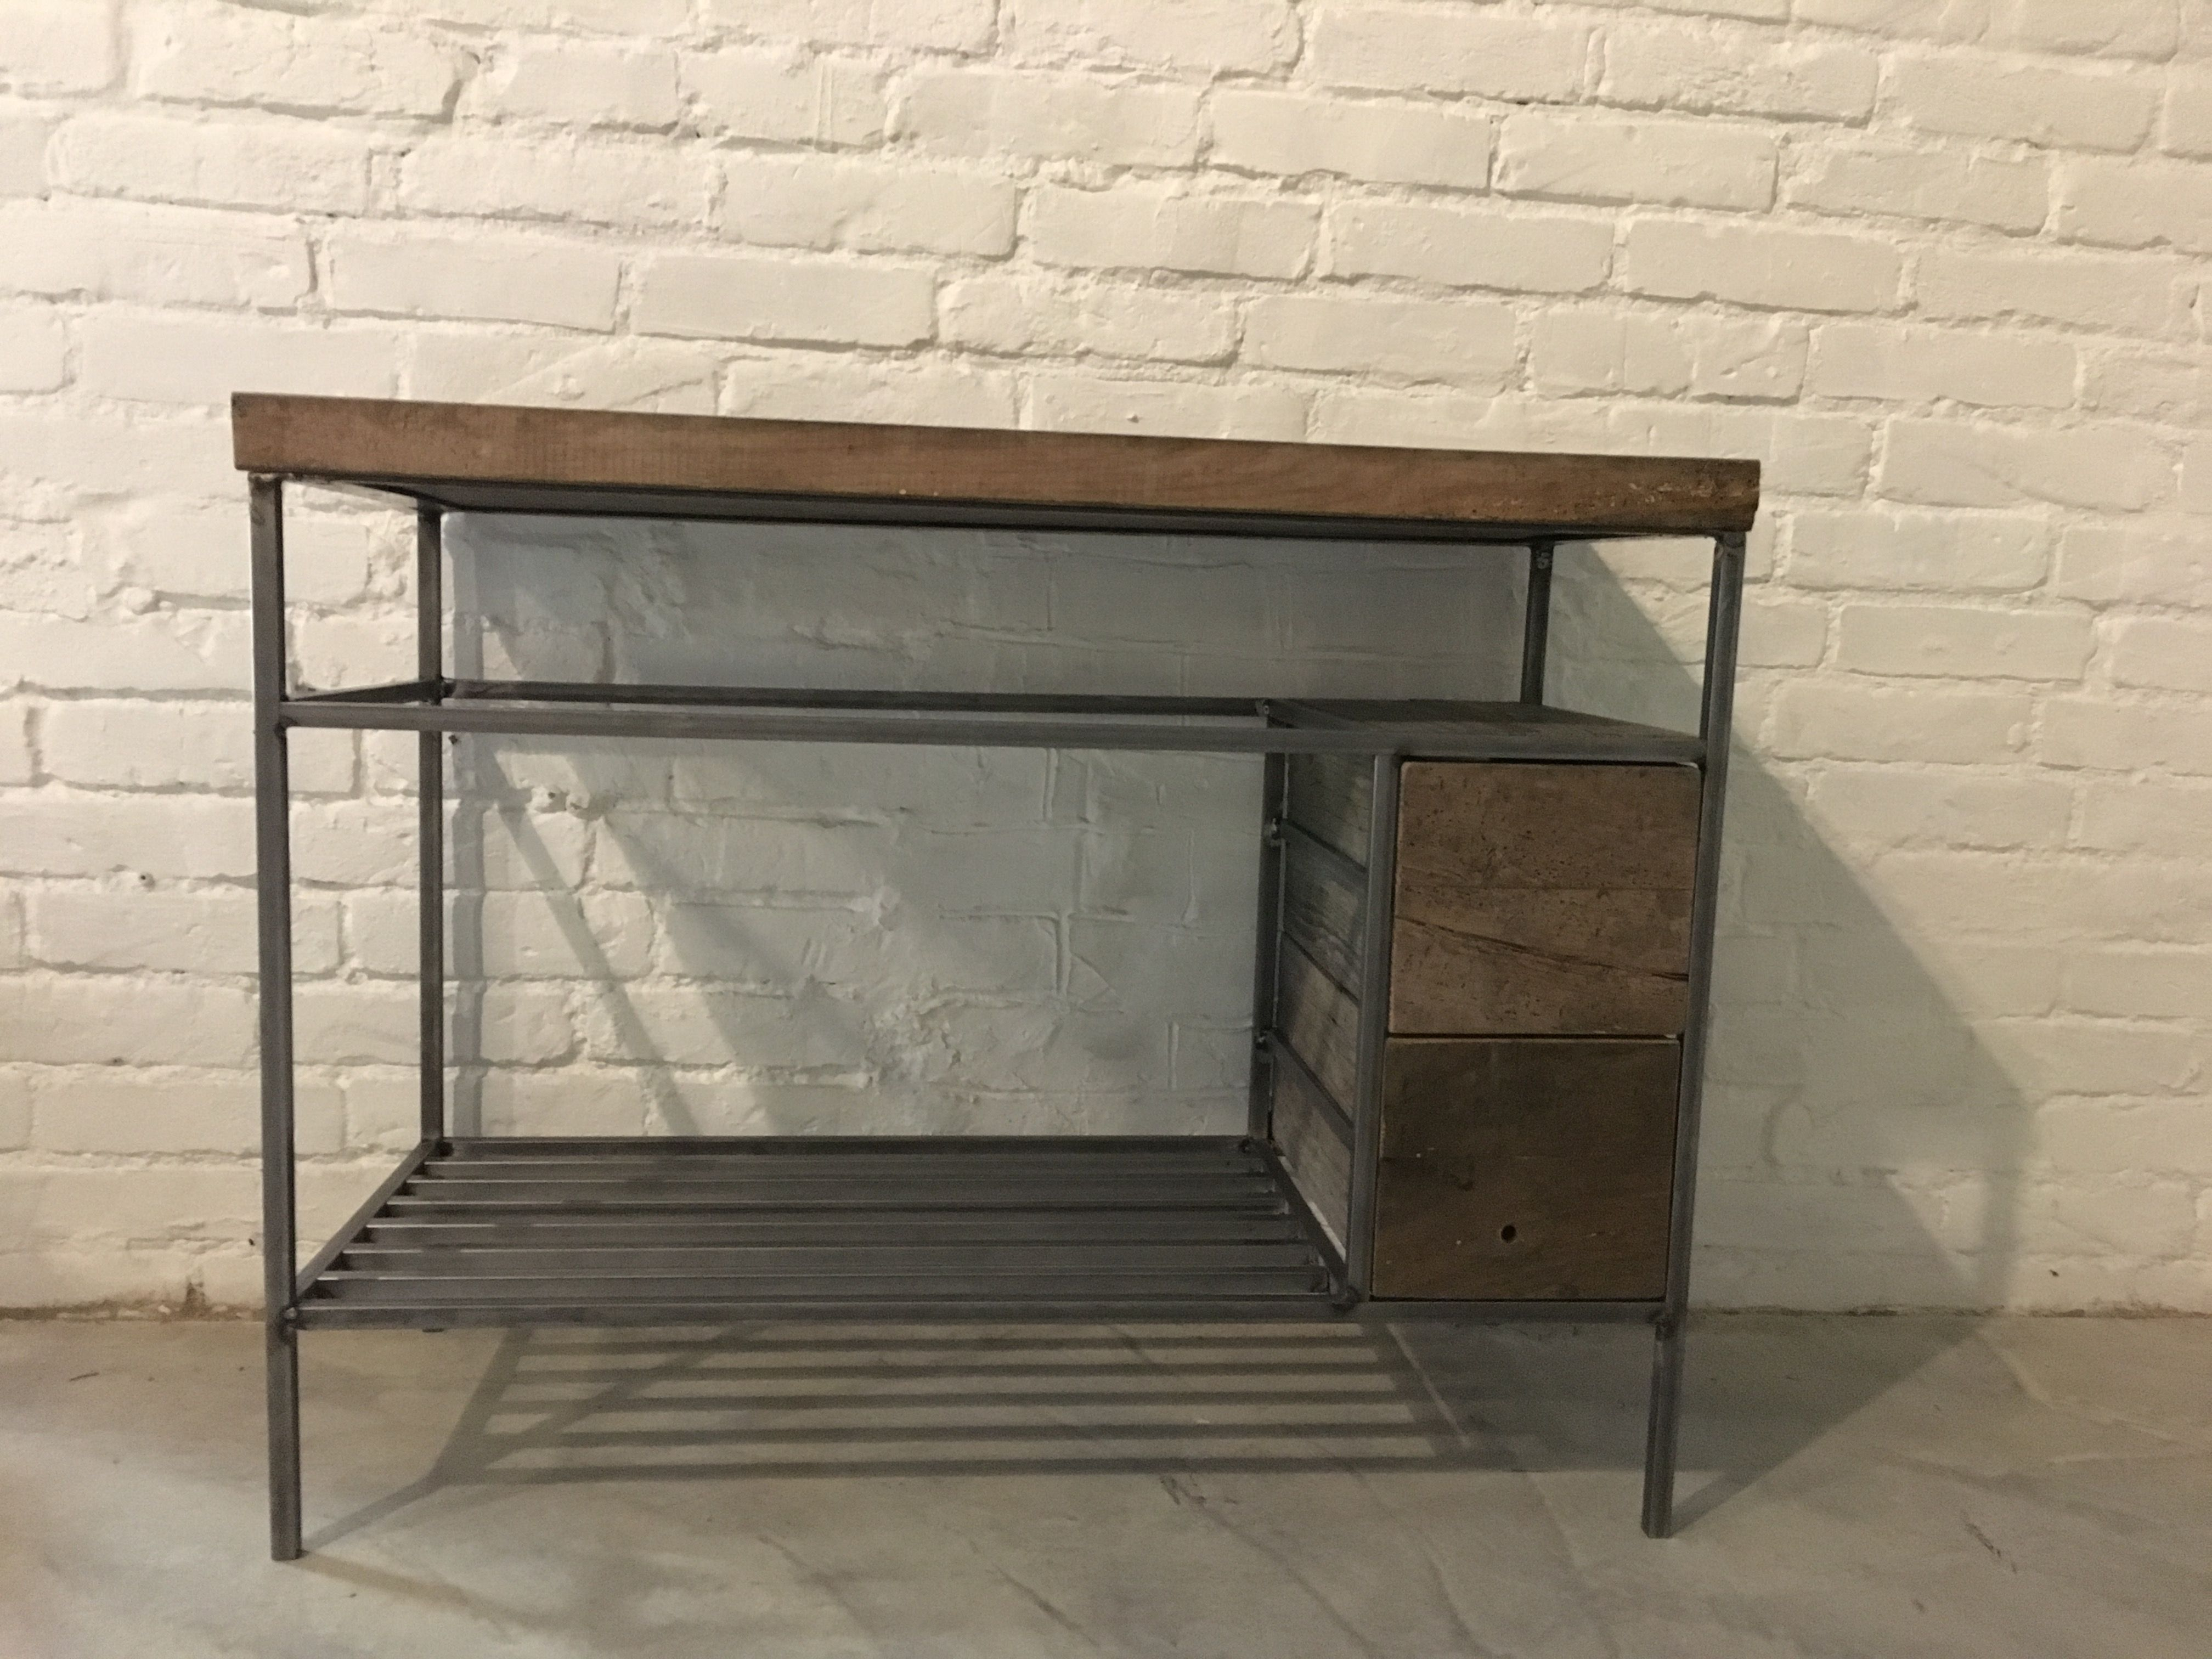 Mobili in legno antichi mobili legno vecchio tavoli in for Mobili antichi usati